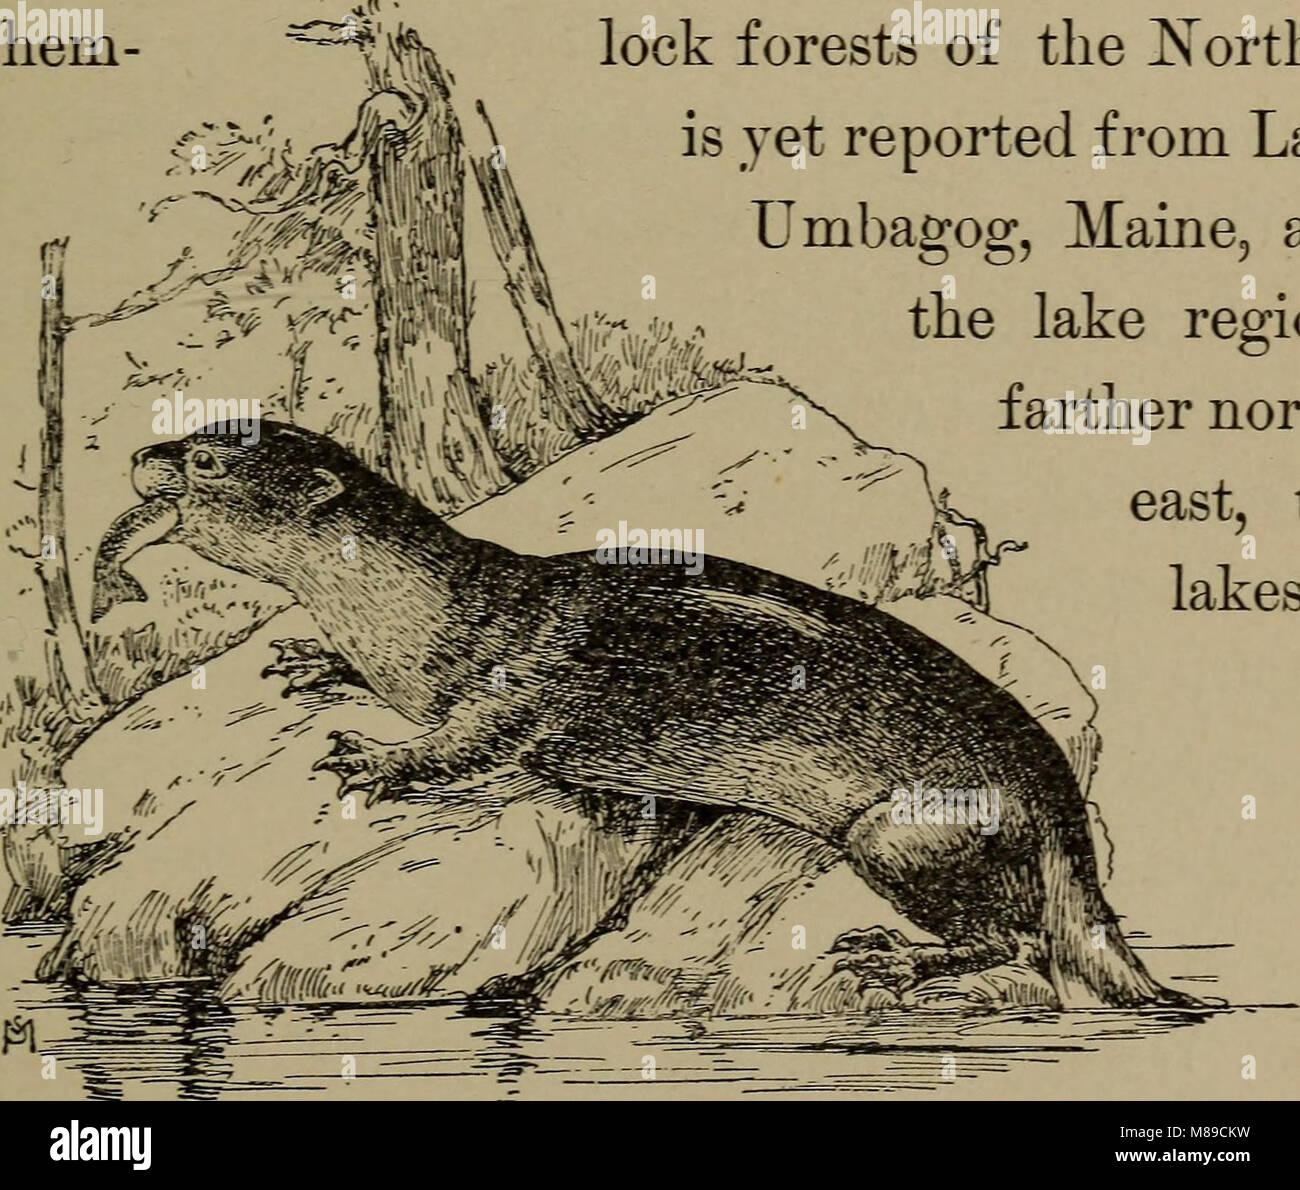 Conoce la vida en el campo y bosque; los animales, aves, ranas y salamandras (1898) (14568749418) Foto de stock